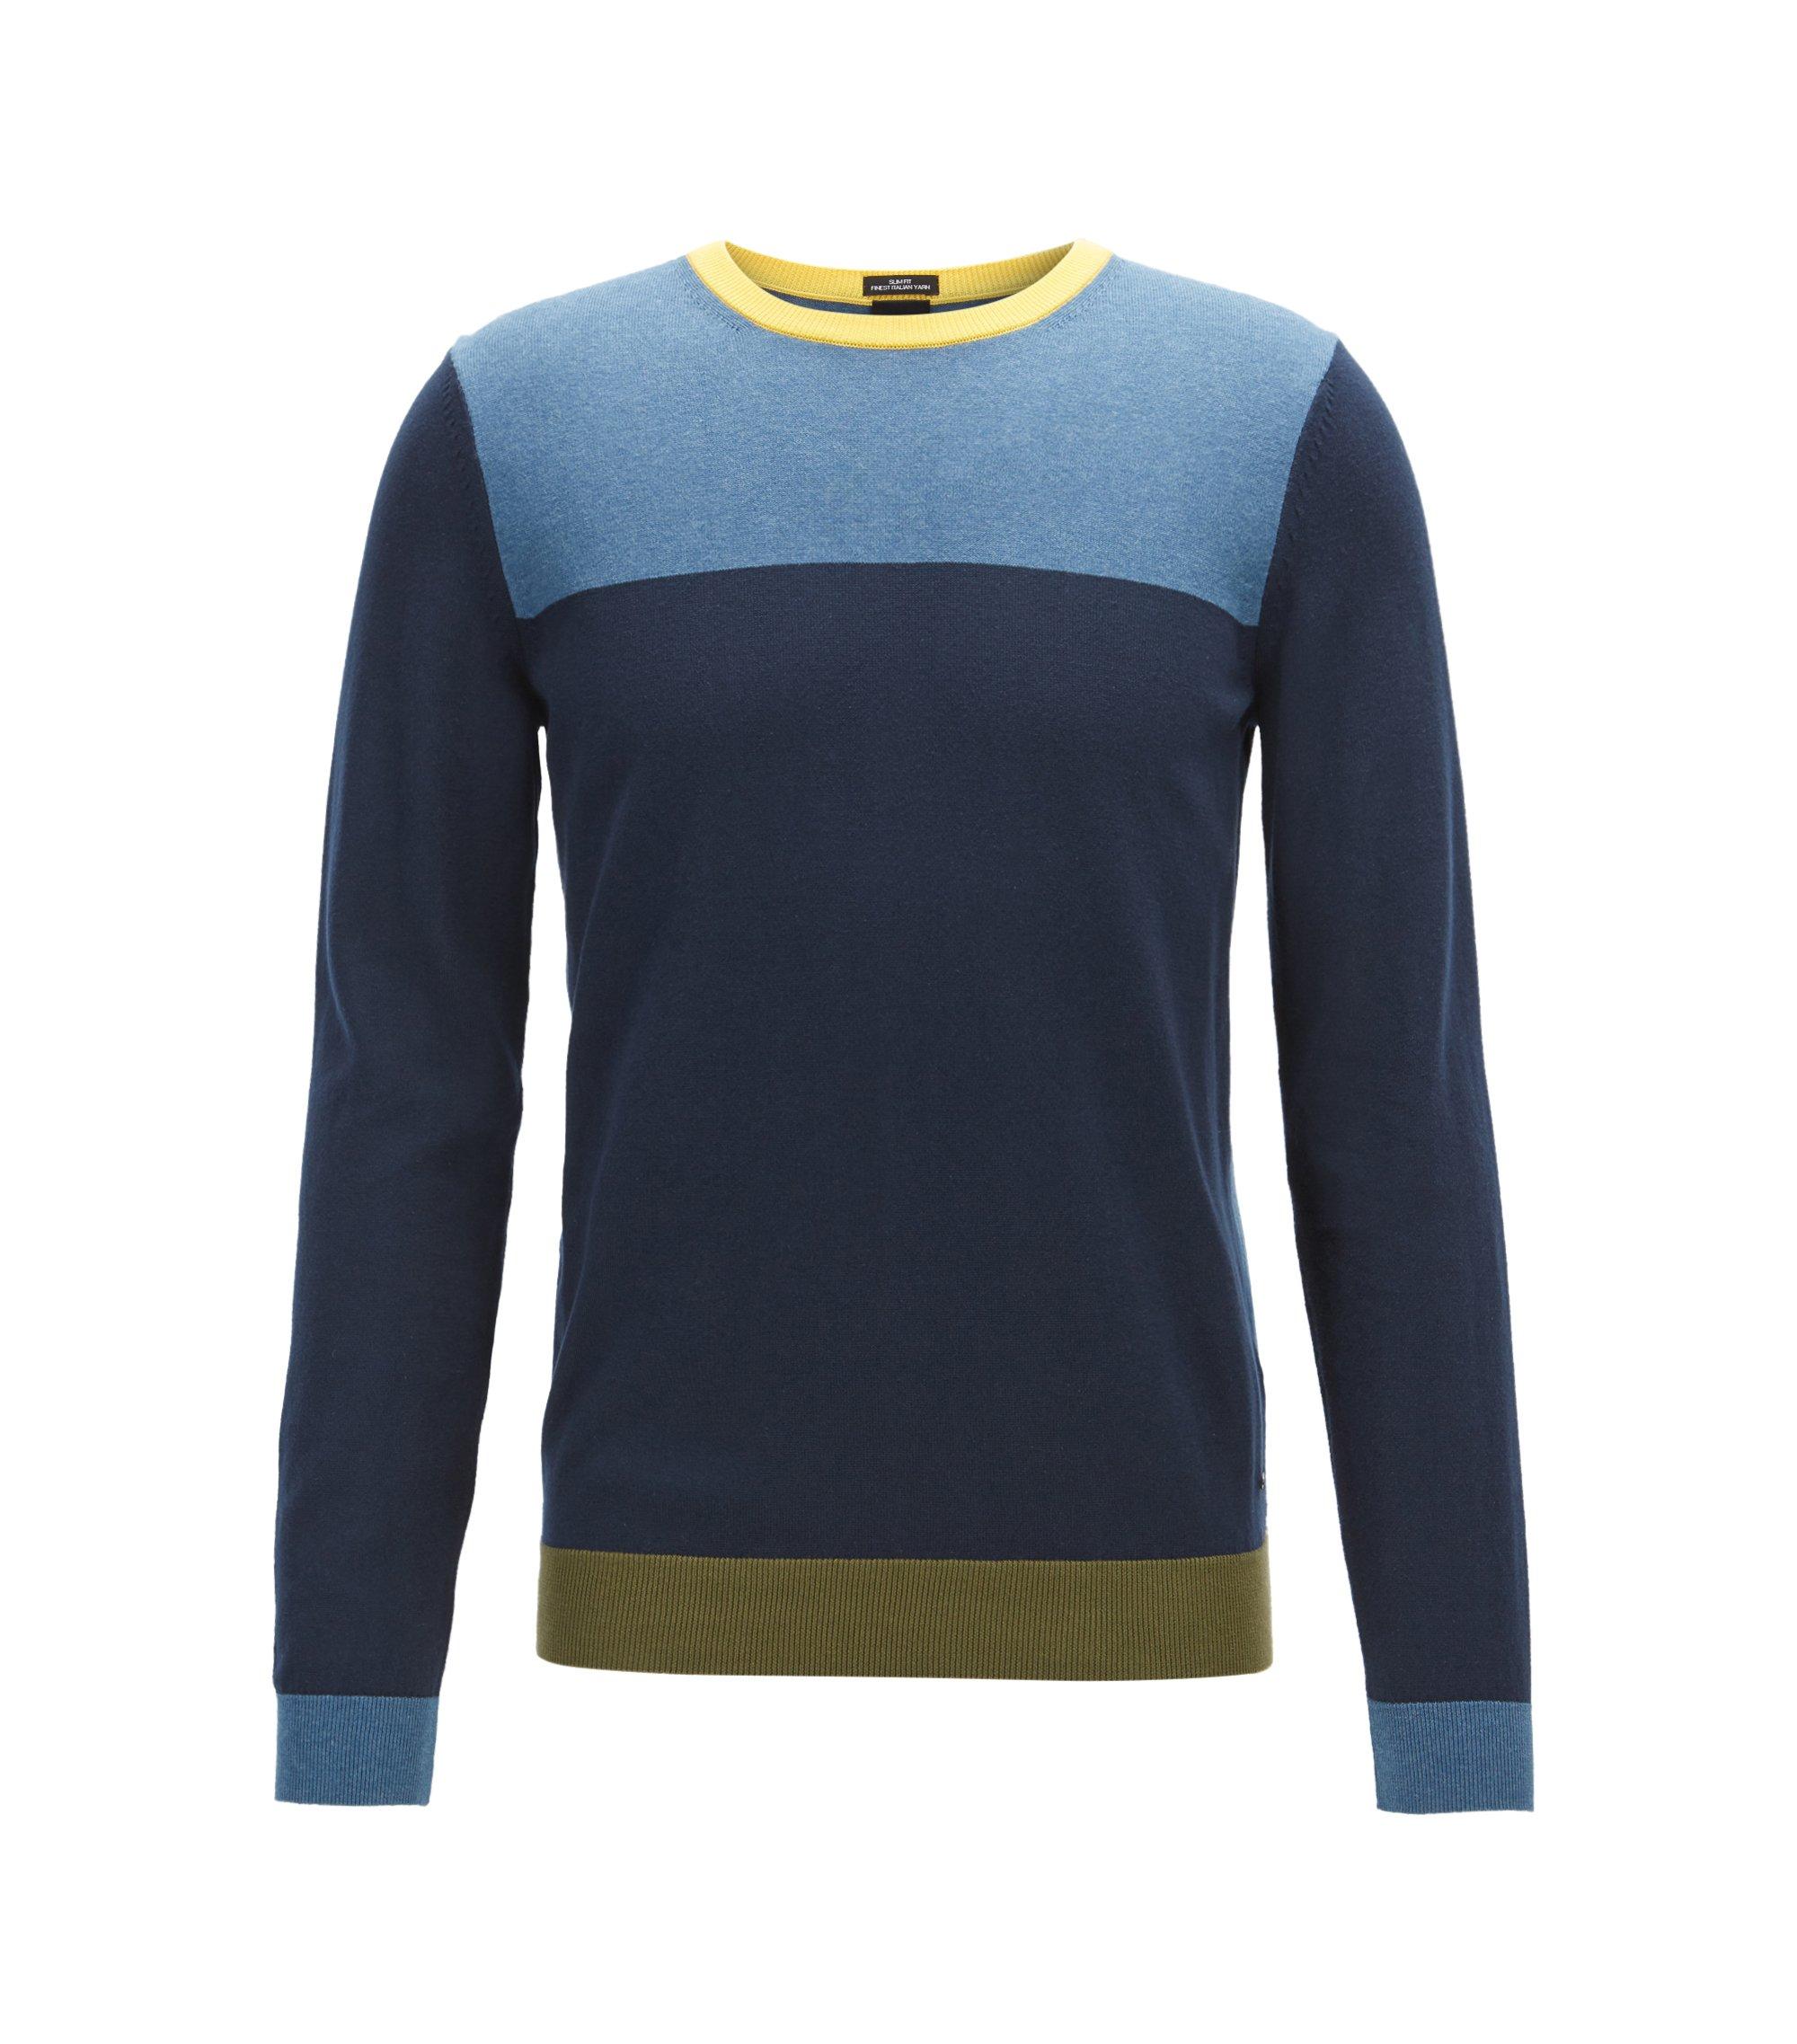 Jersey de manga larga con bloques de color en algodón egipcio, Azul oscuro